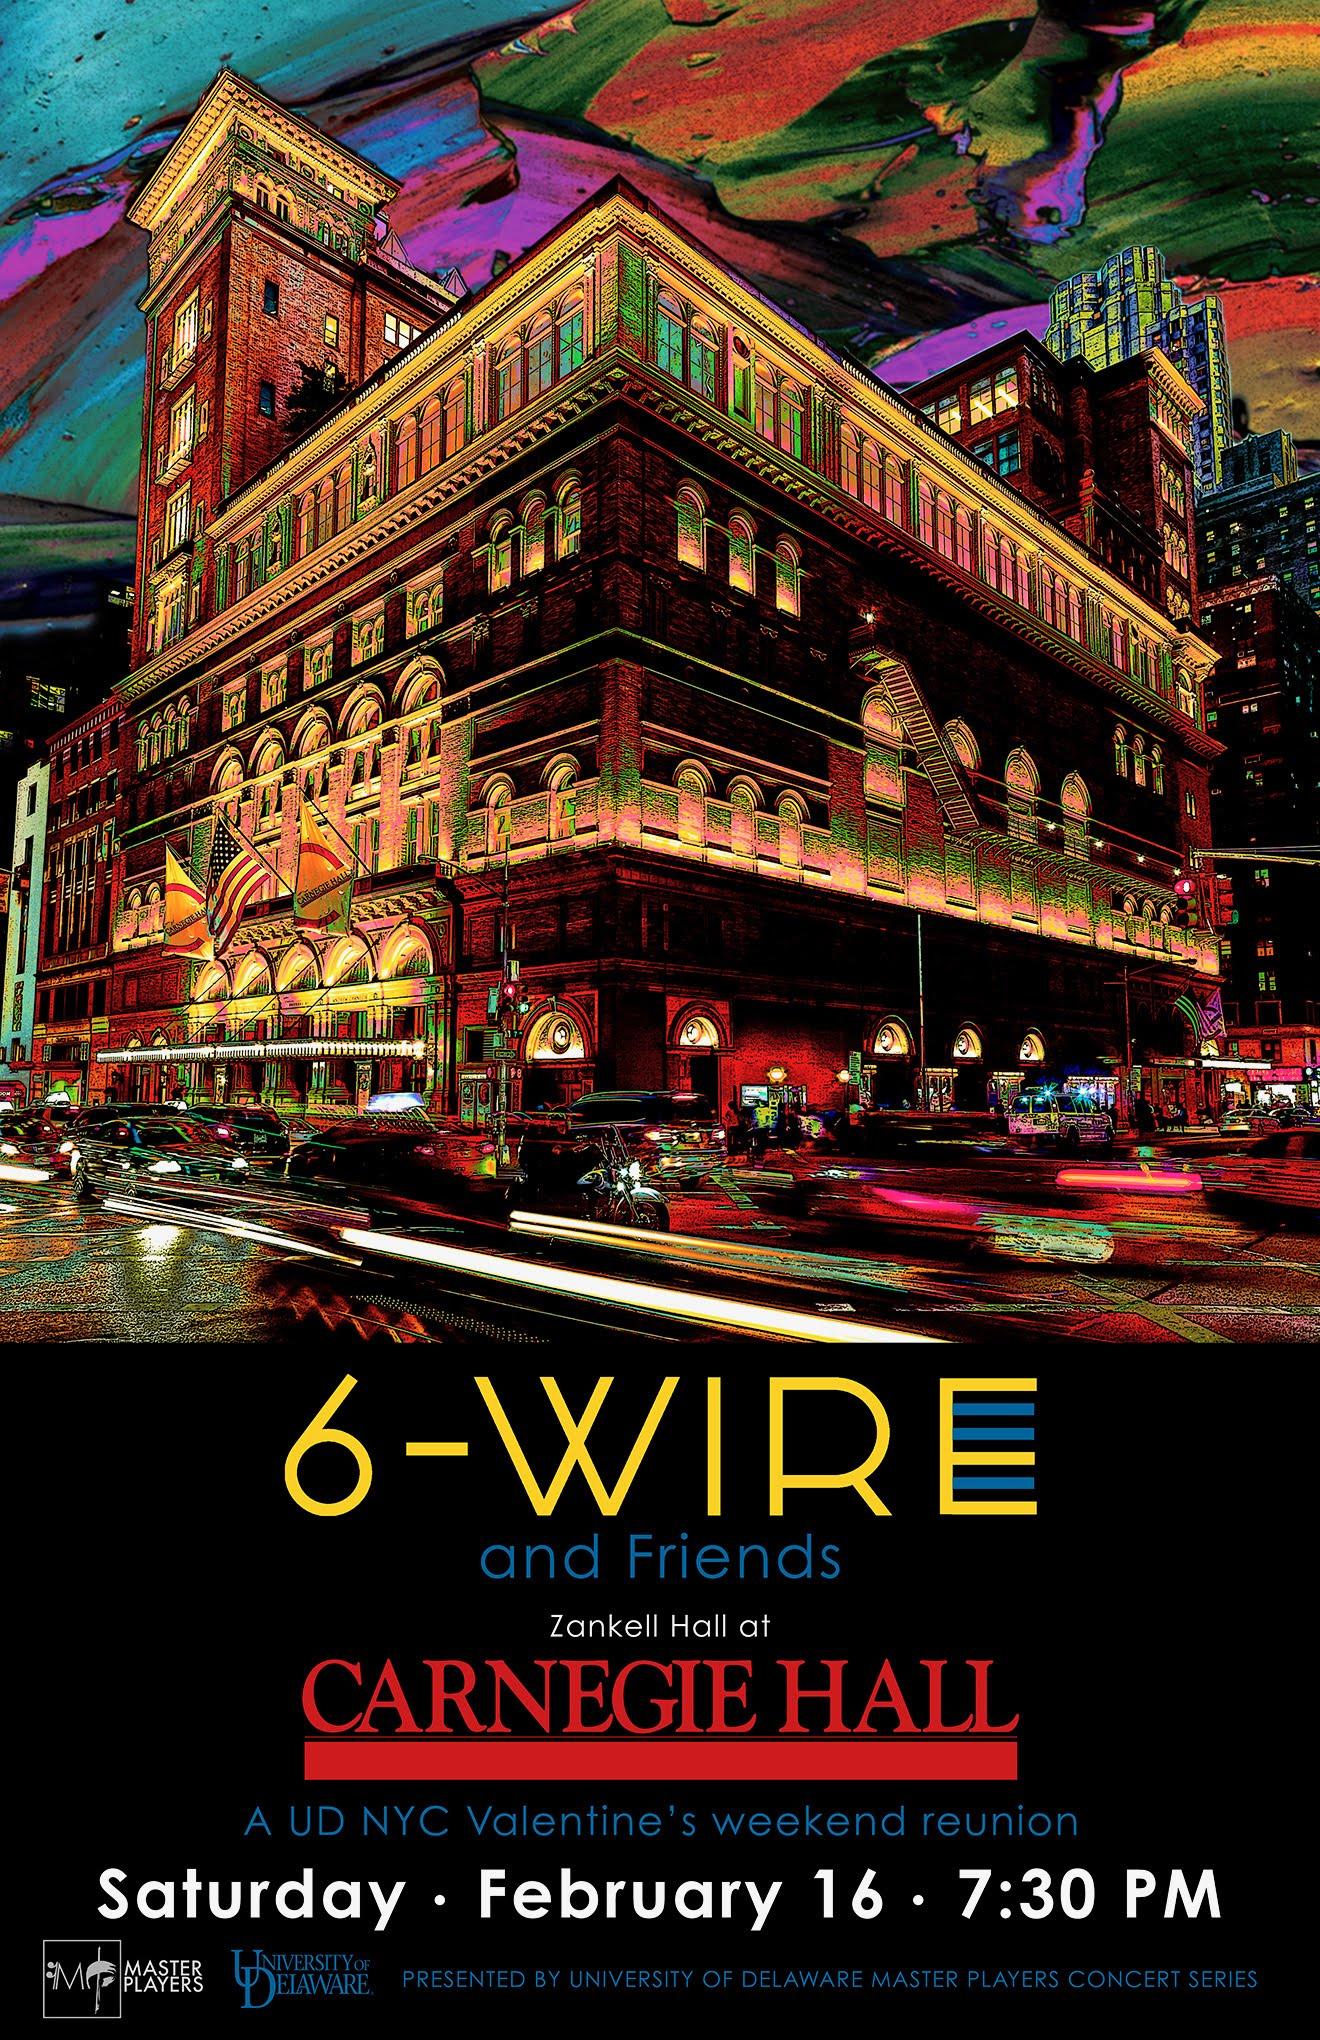 Carnegie Hall Calendar February 2019 Carnegie Hall Debut, Feb. 16th! | 6 wire